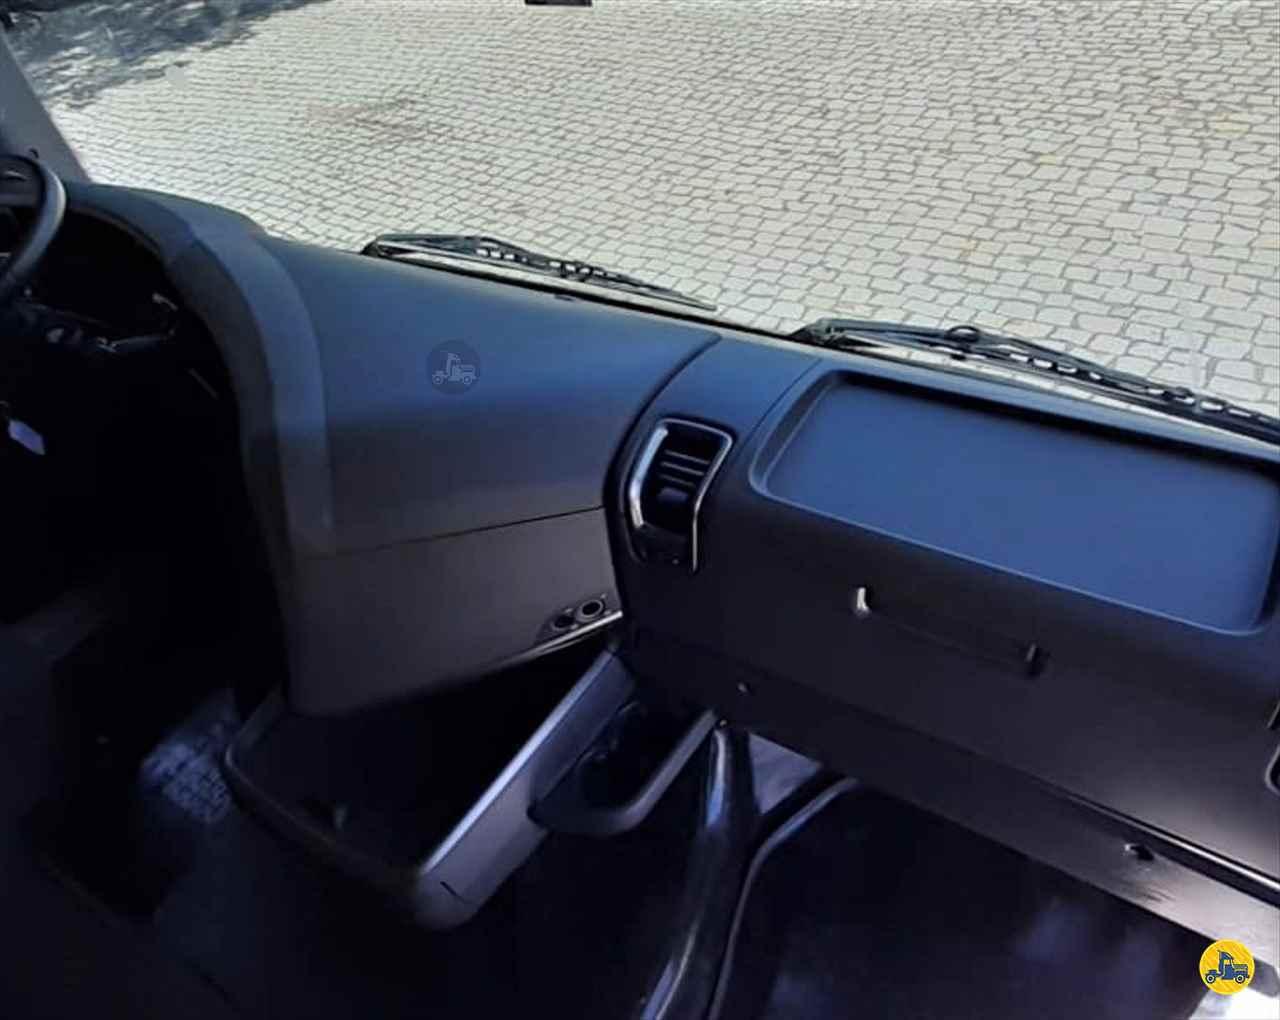 SCANIA SCANIA 440 700000km 2013/2014 Suécia Viking Center - Volvo